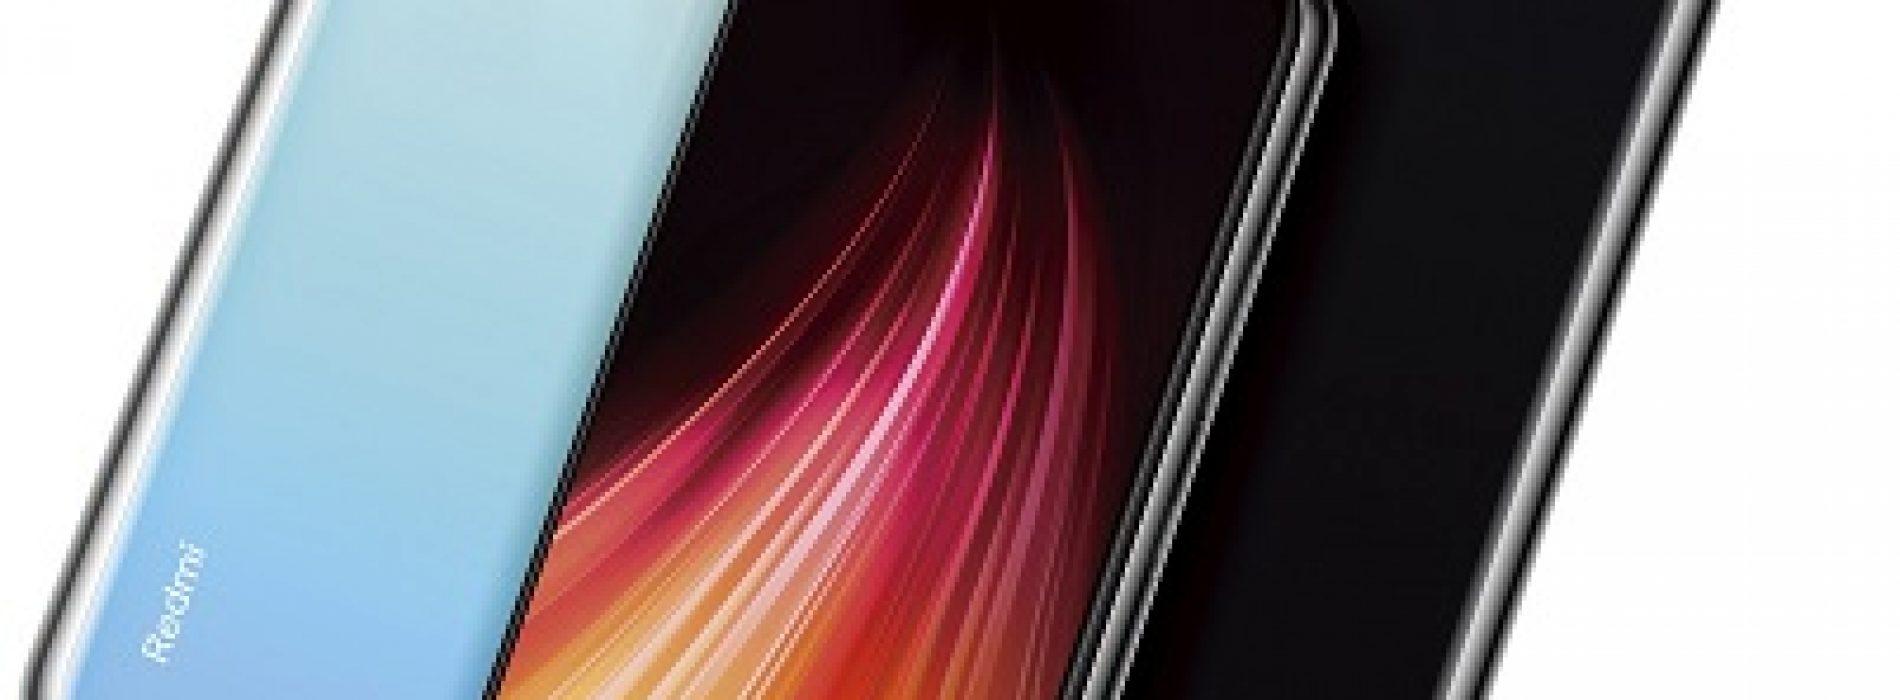 Redmi Note 8, móviles para competir en gama media y alta